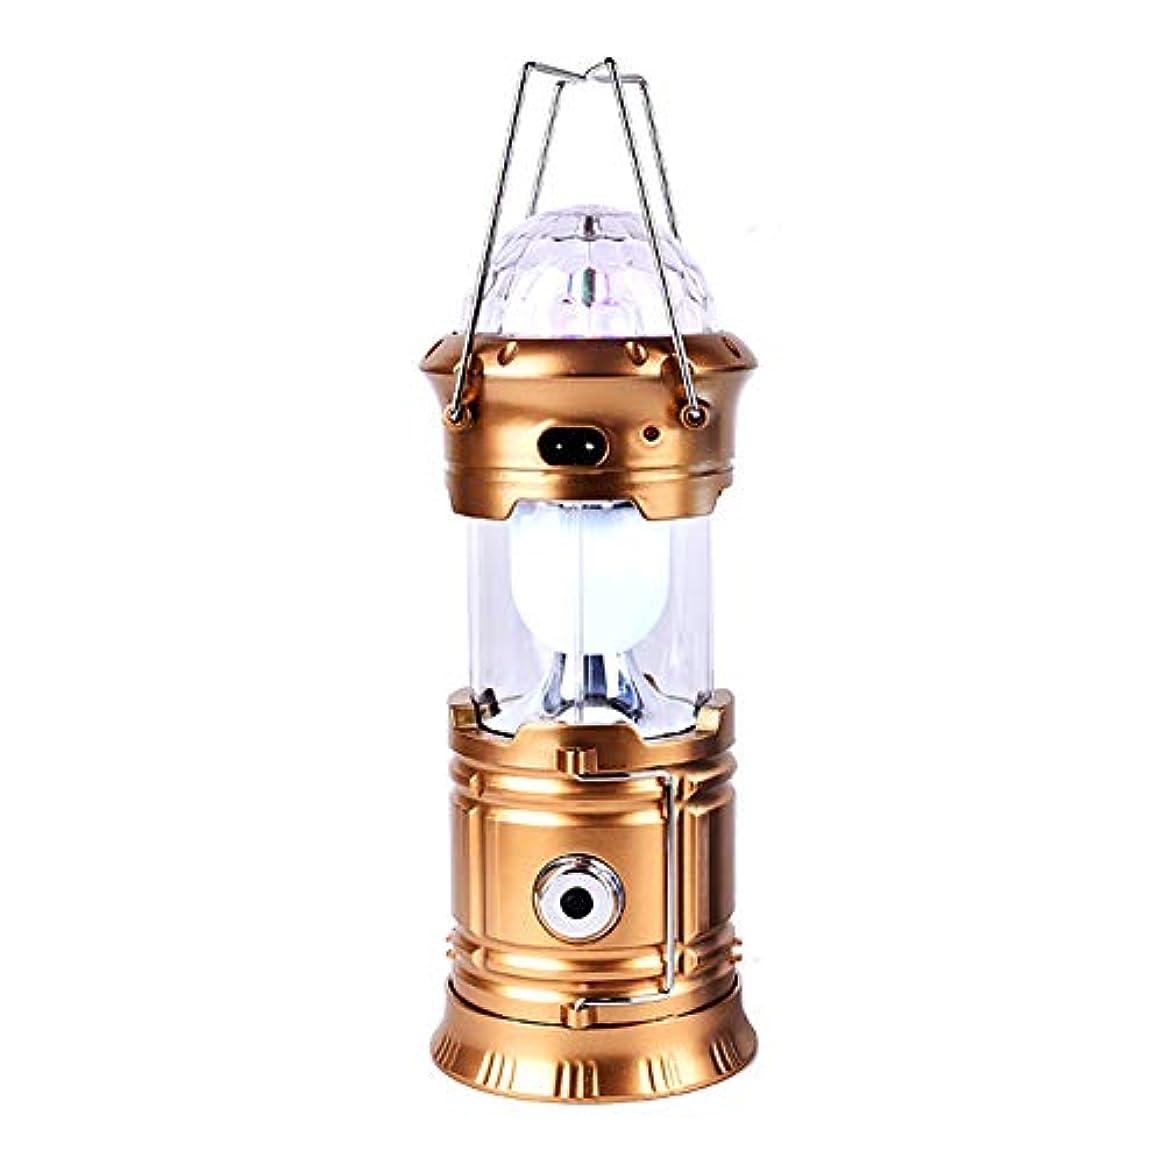 アセンブリ腕乱気流LEDランタン 高輝度 キャンプランタン フラッシュライト 2in1給電方法 折り畳み式 携帯型 テントライト 防災用品/停電対策 アウトドア 登山 夜釣り ハイキング 応急